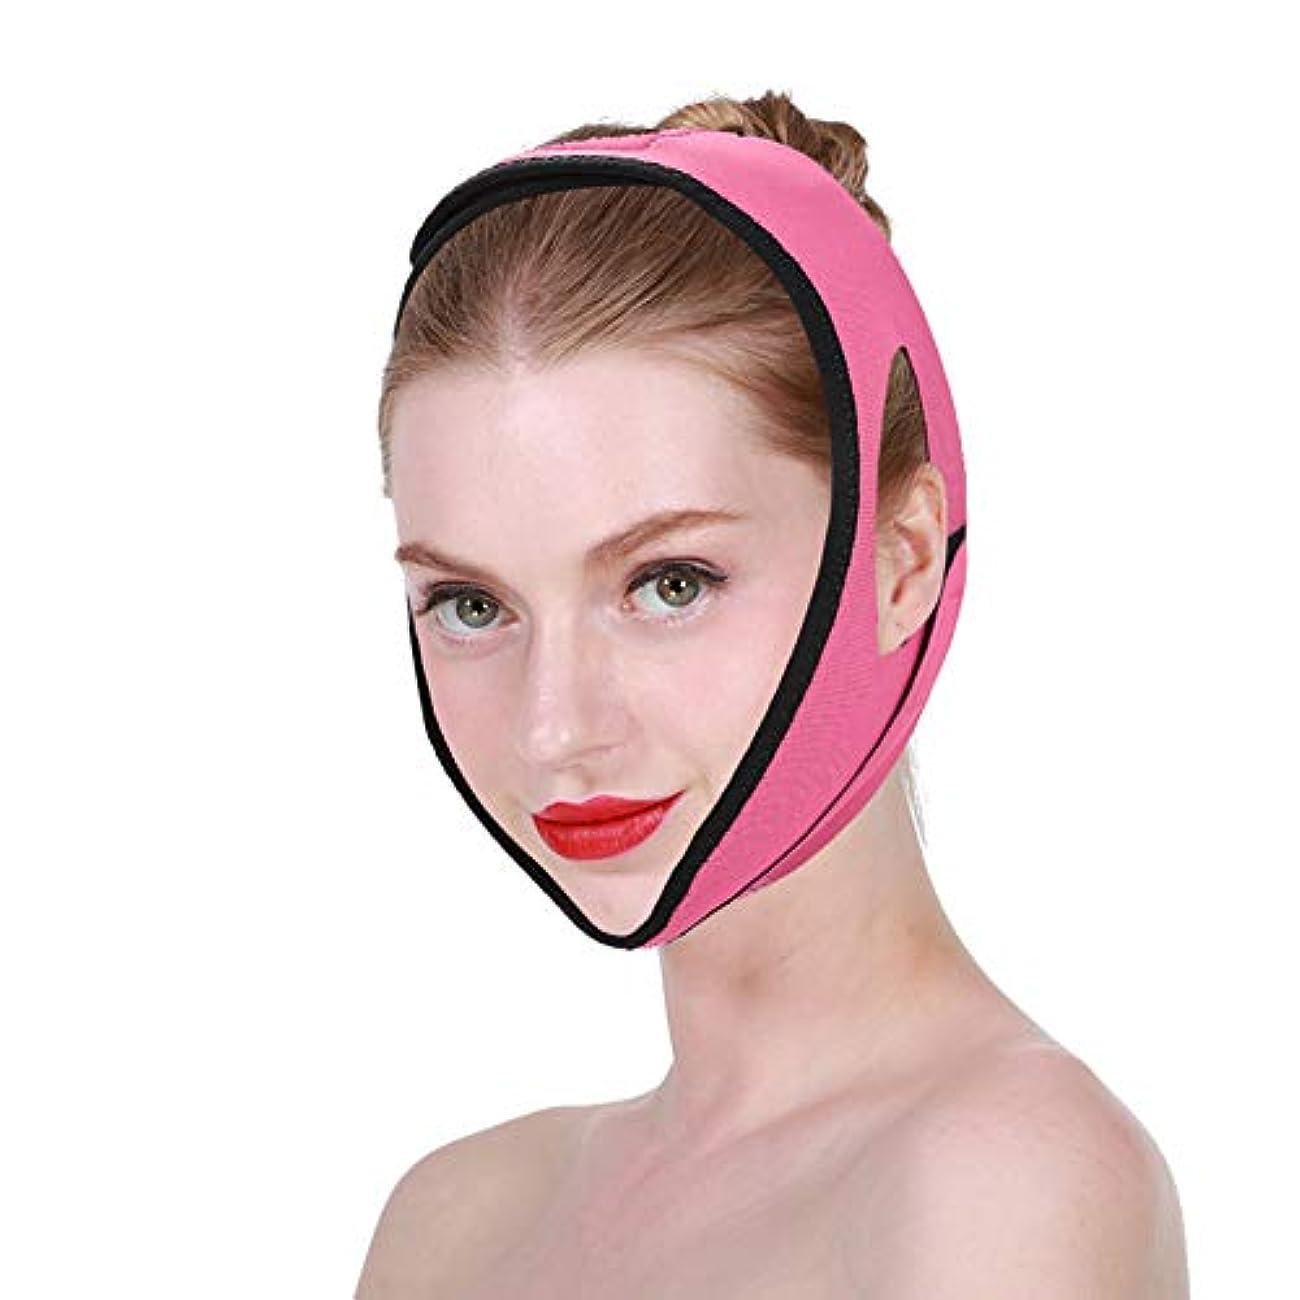 後ろに近傍用量フェイシャルスリミングマスク、フェイスベルト 顔の包帯スリミングダブルチンVラインとフェイシャルケアファーミングスキン超薄型 クラインベルト (Red)